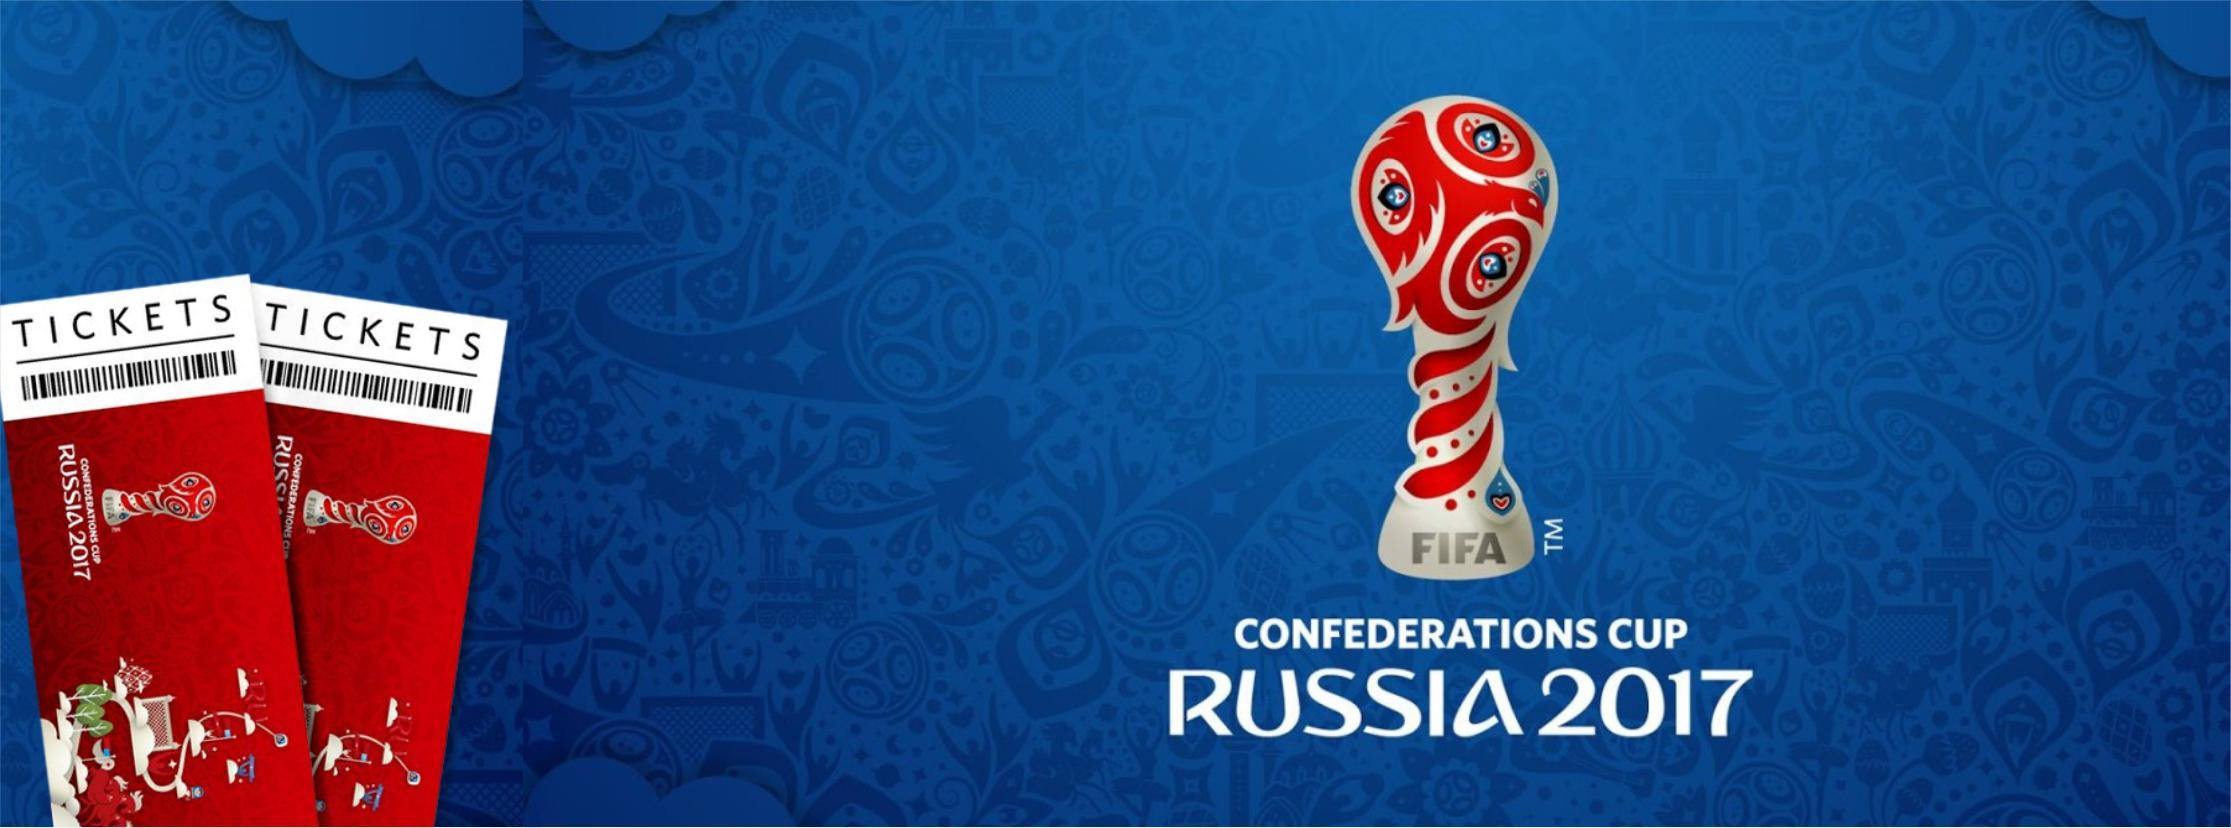 confederation_cup2